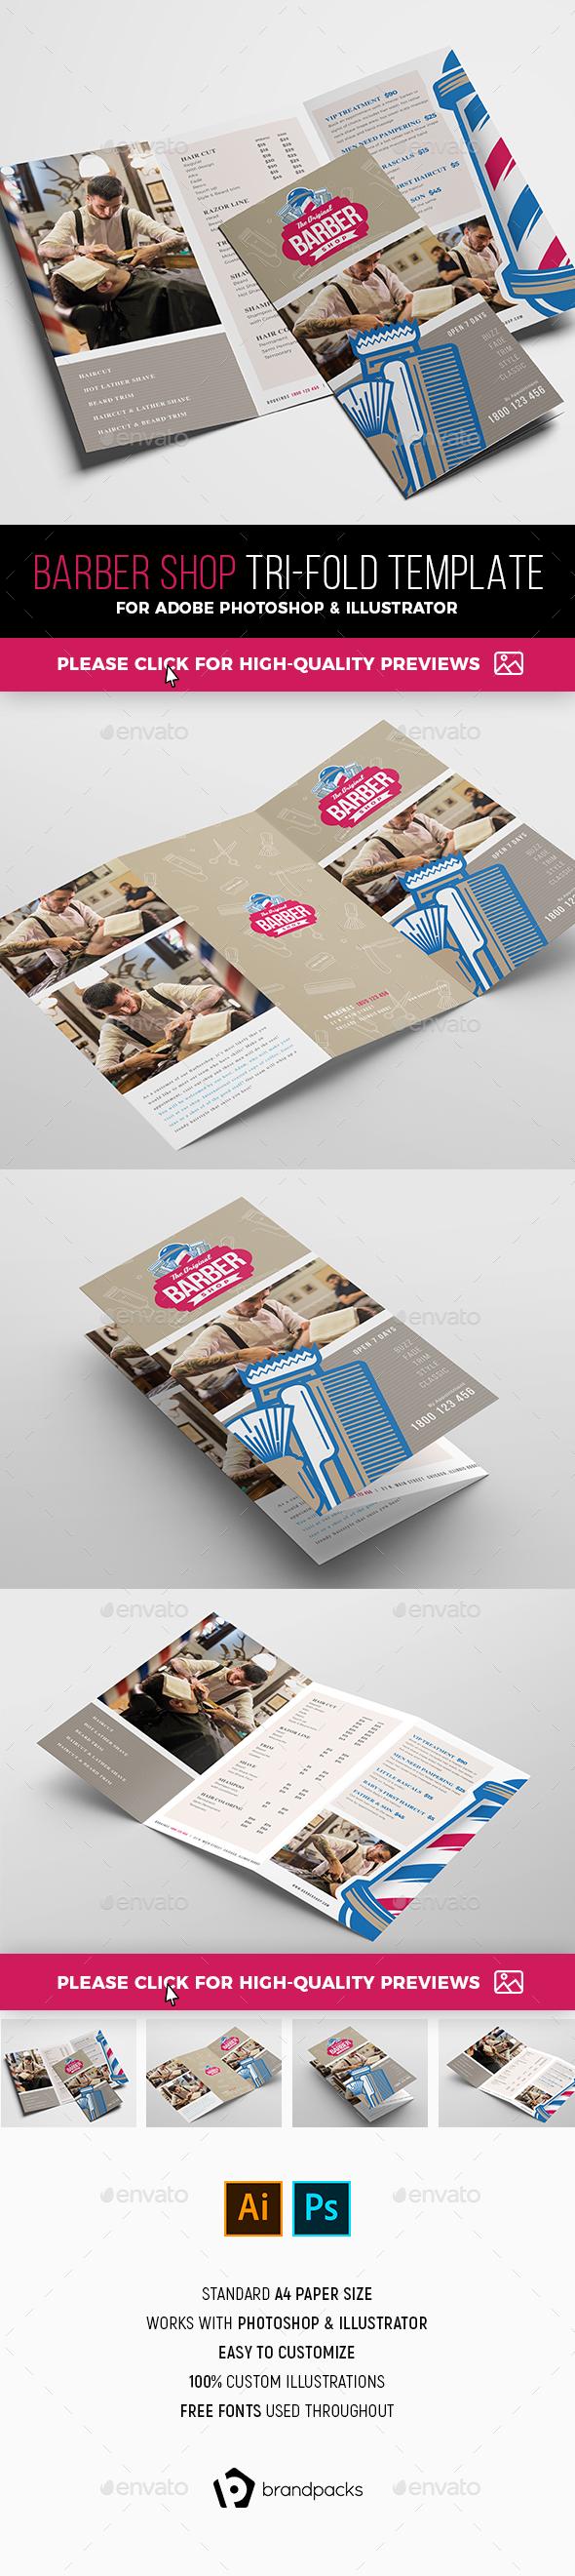 Barber Shop Tri-Fold Brochure Template - Informational Brochures